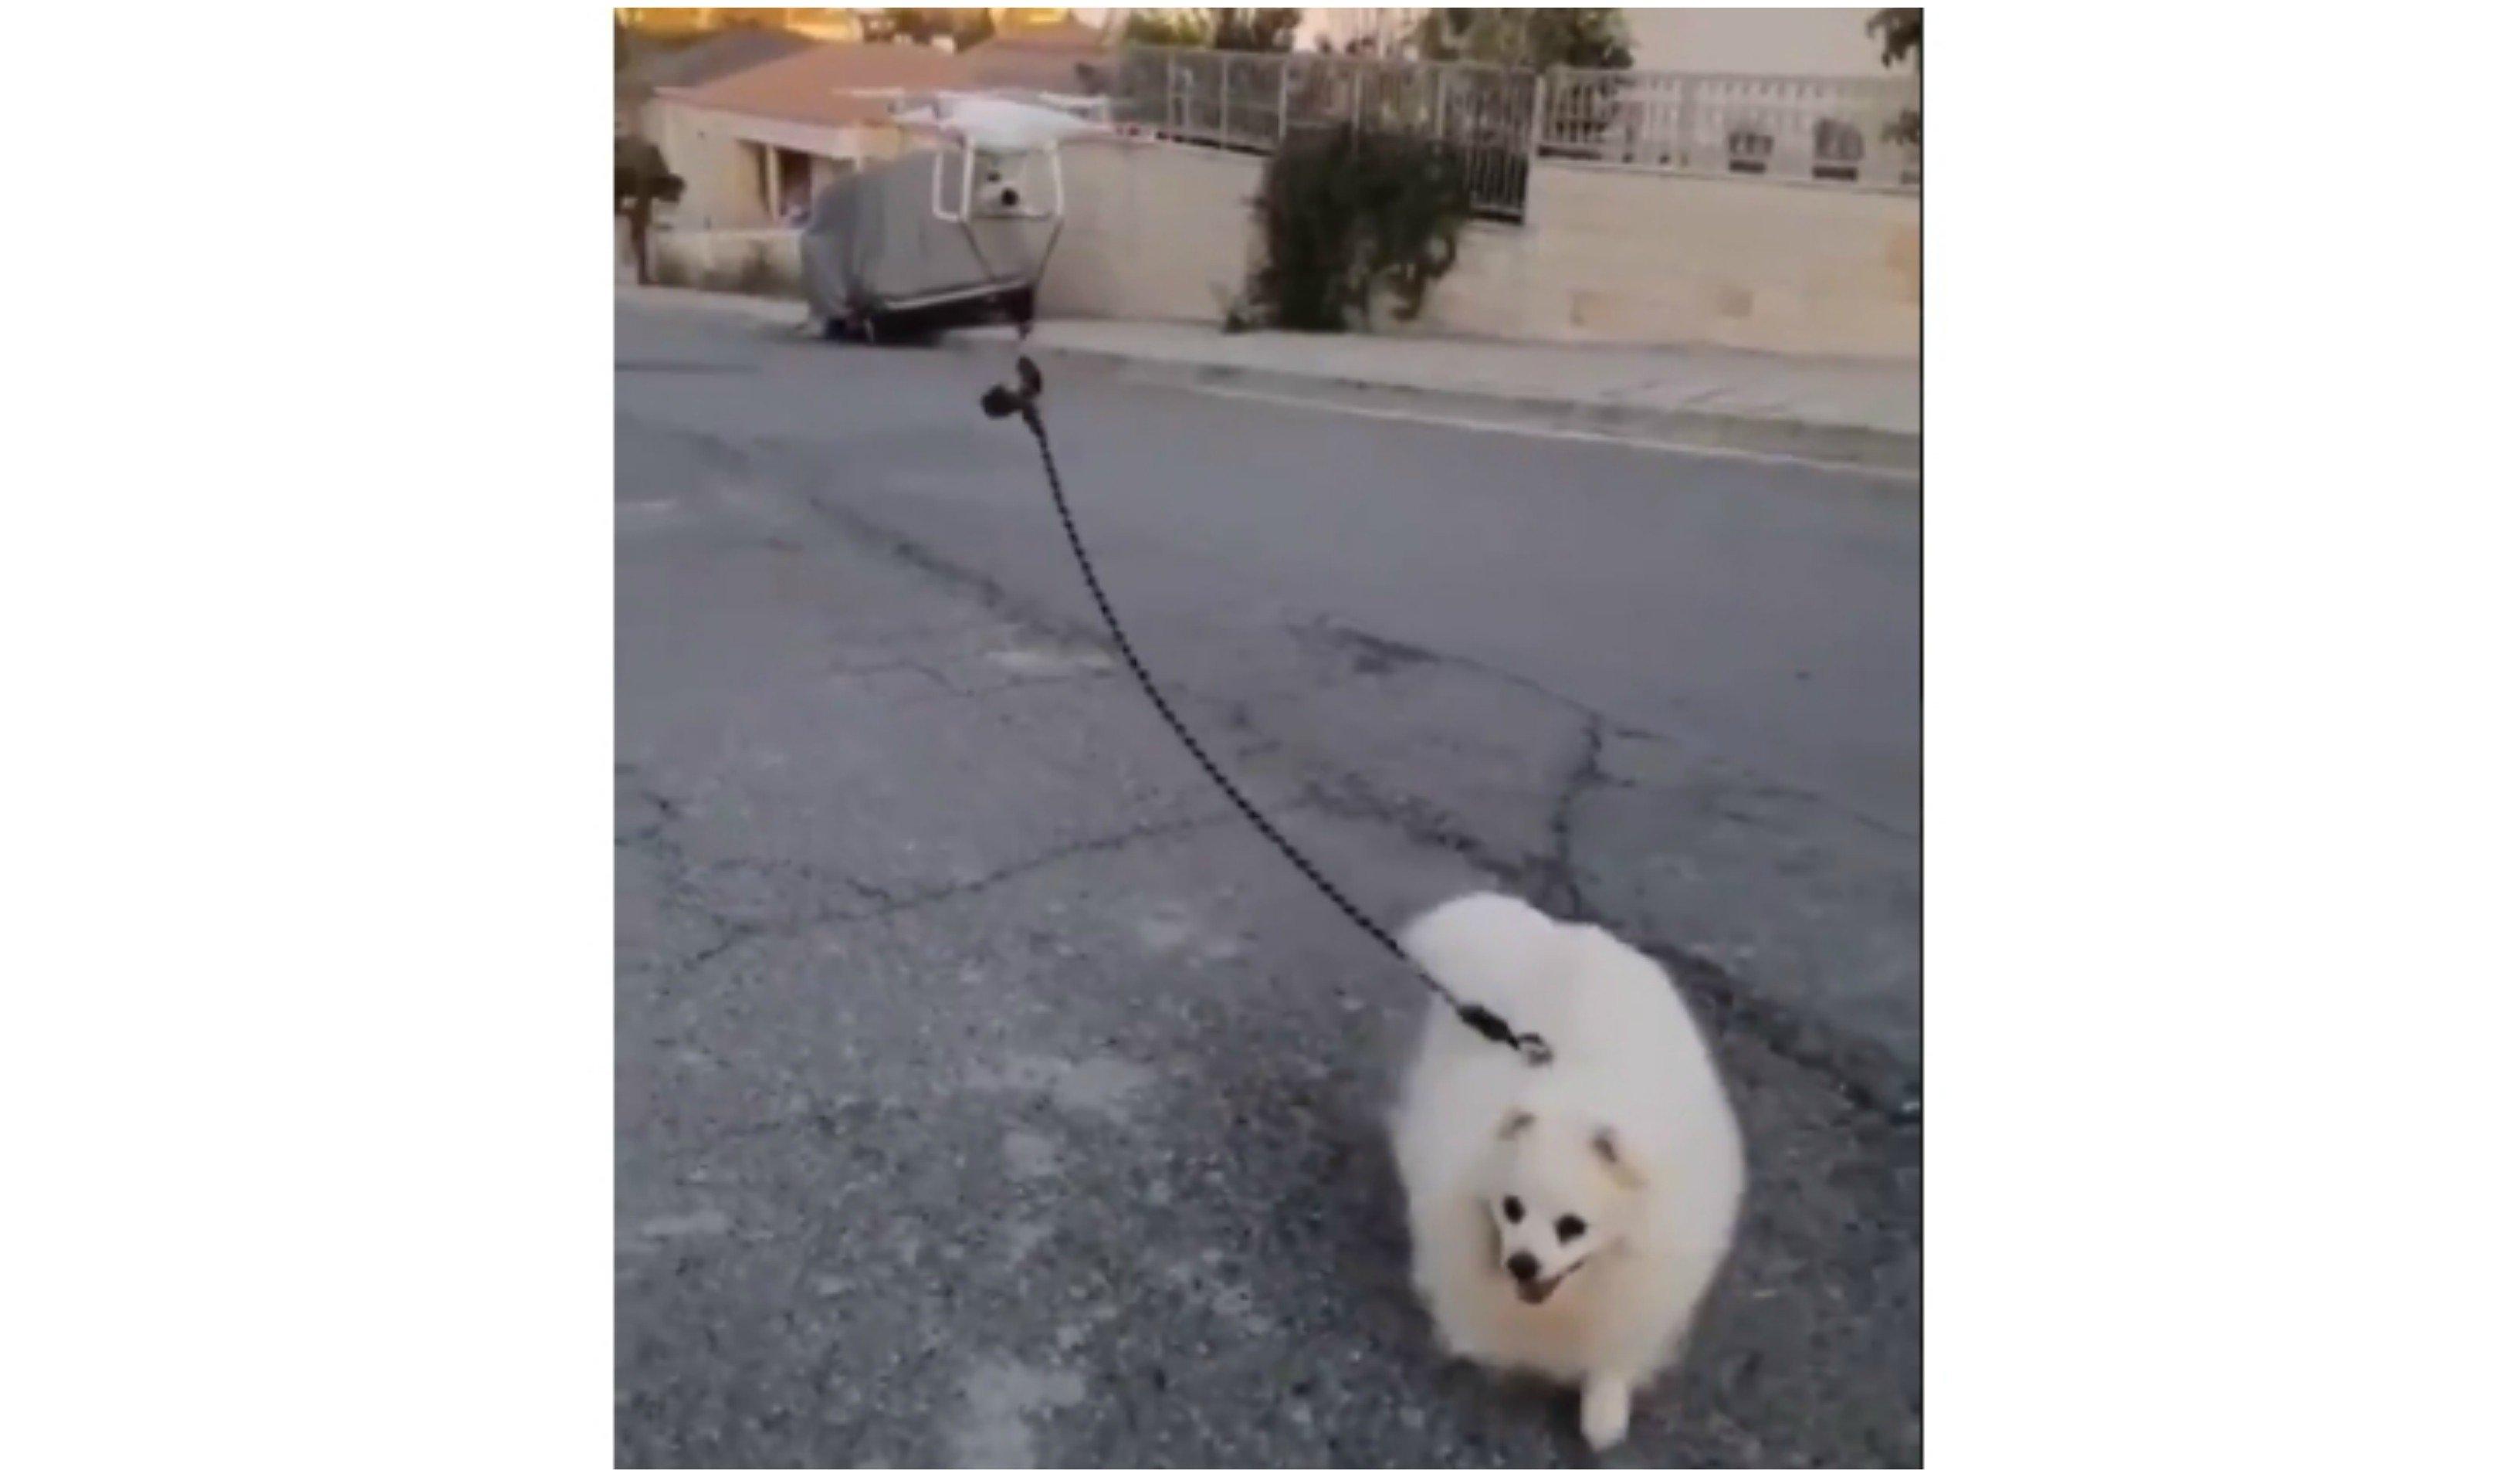 Escenas coronavirus. Un dron pasea a un perro